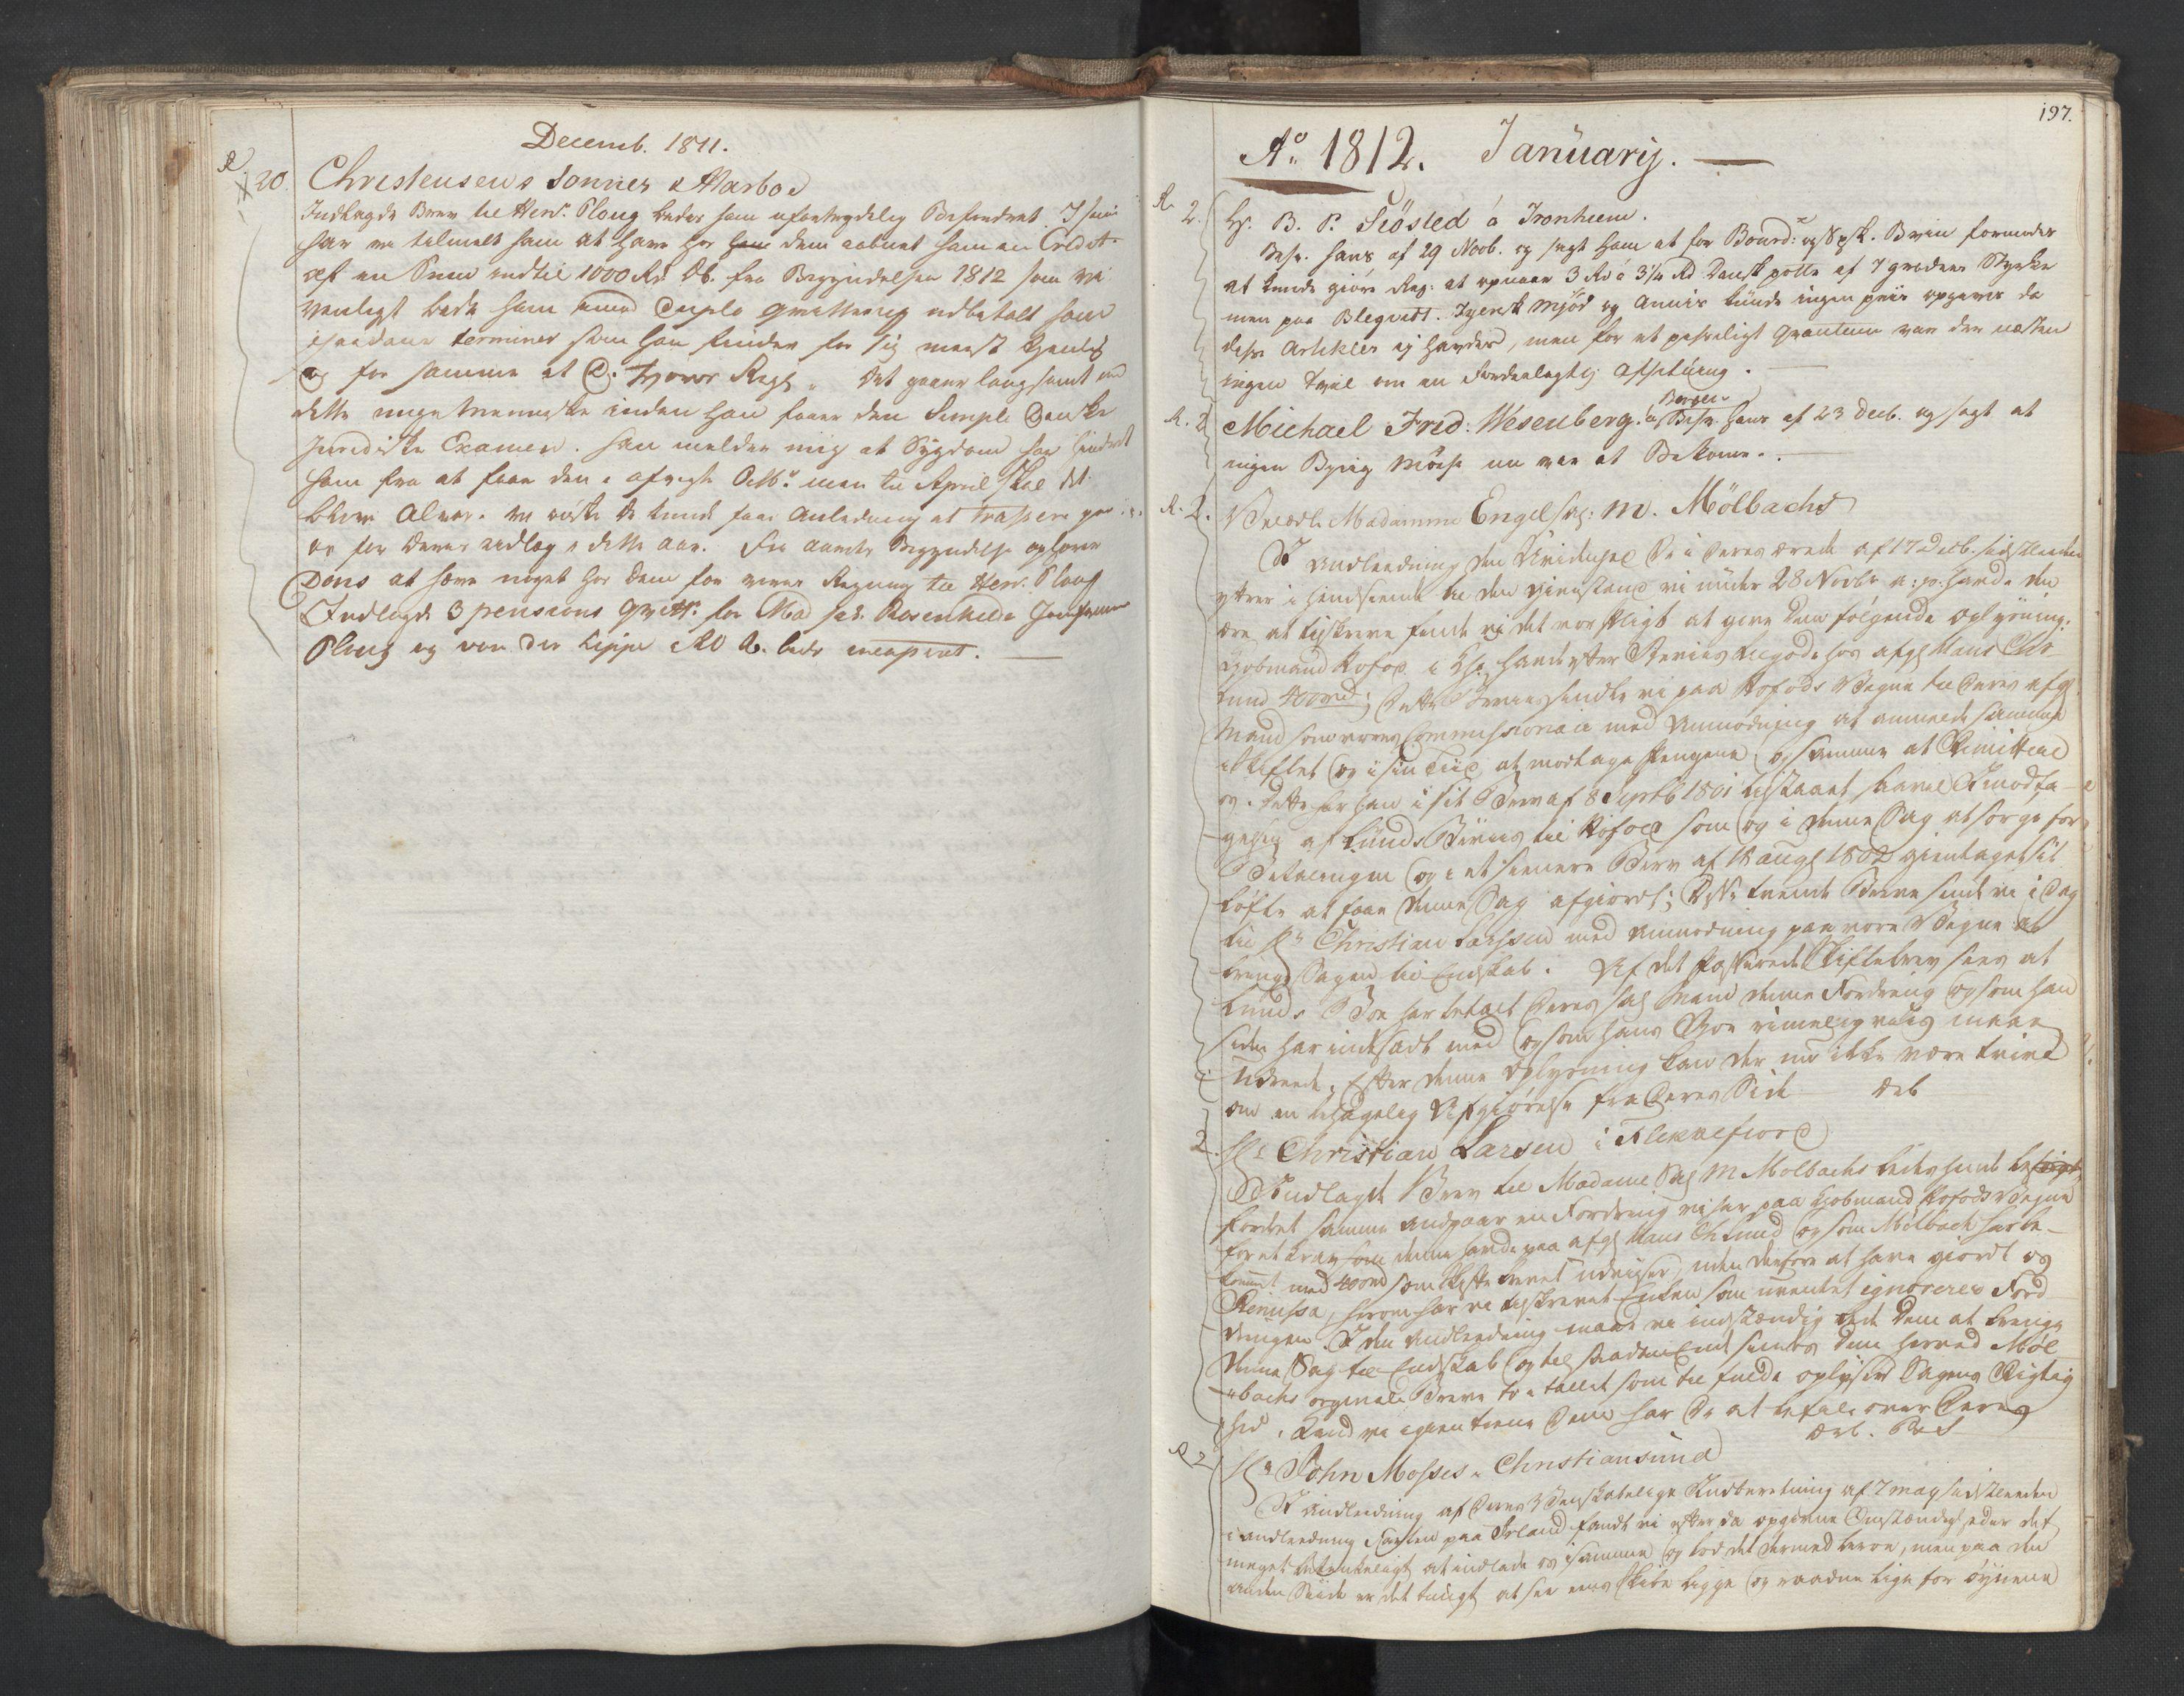 SAST, Pa 0003 - Ploug & Sundt, handelshuset, B/L0009: Kopibok, 1805-1816, s. 196b-197a